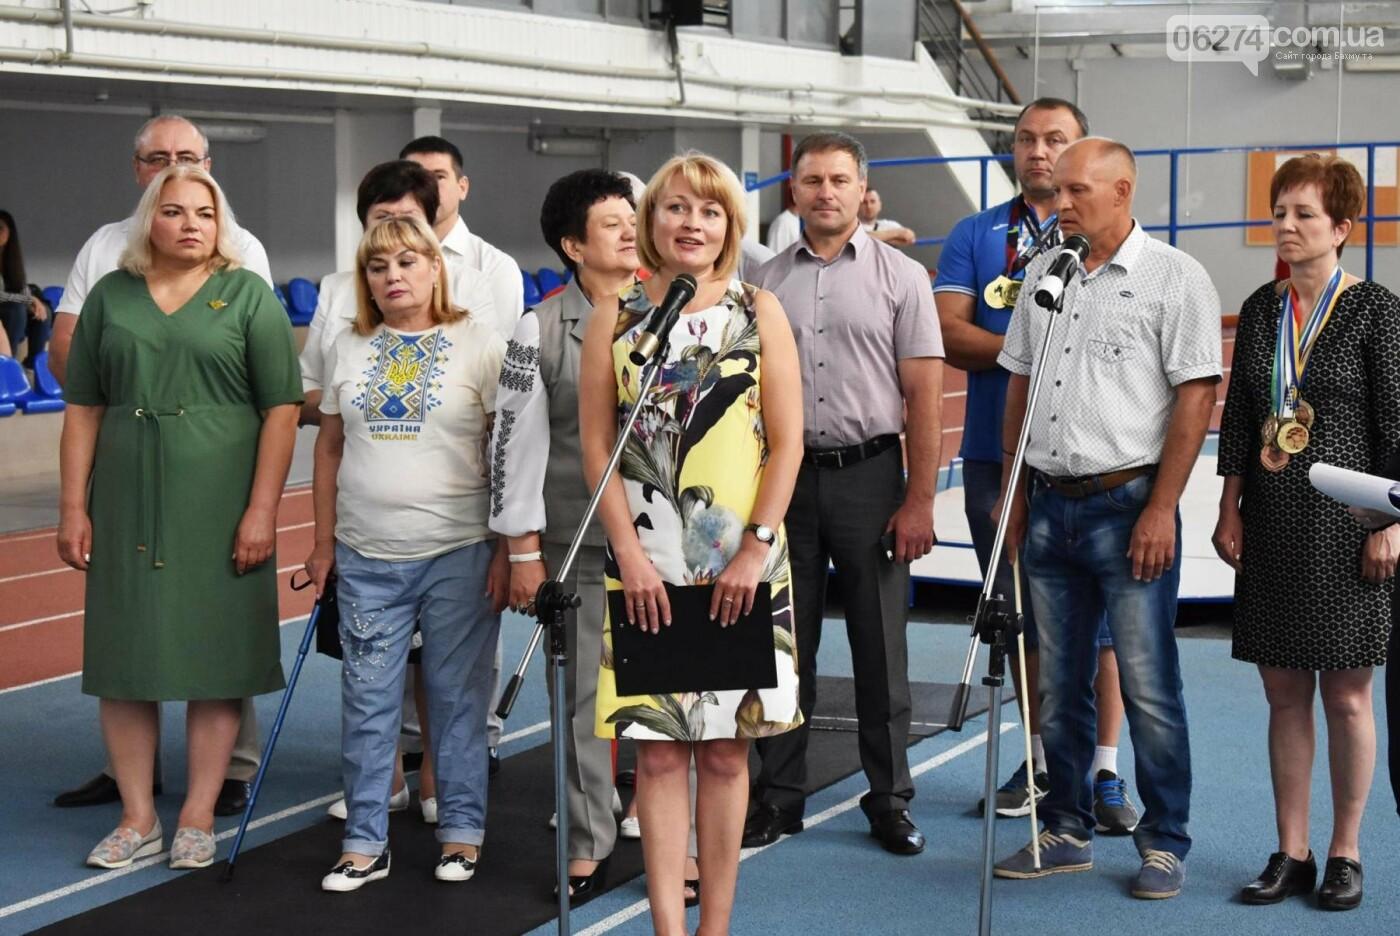 Бахмут четвертый раз принял всеукраинскую спартакиаду «Сила духа», фото-17